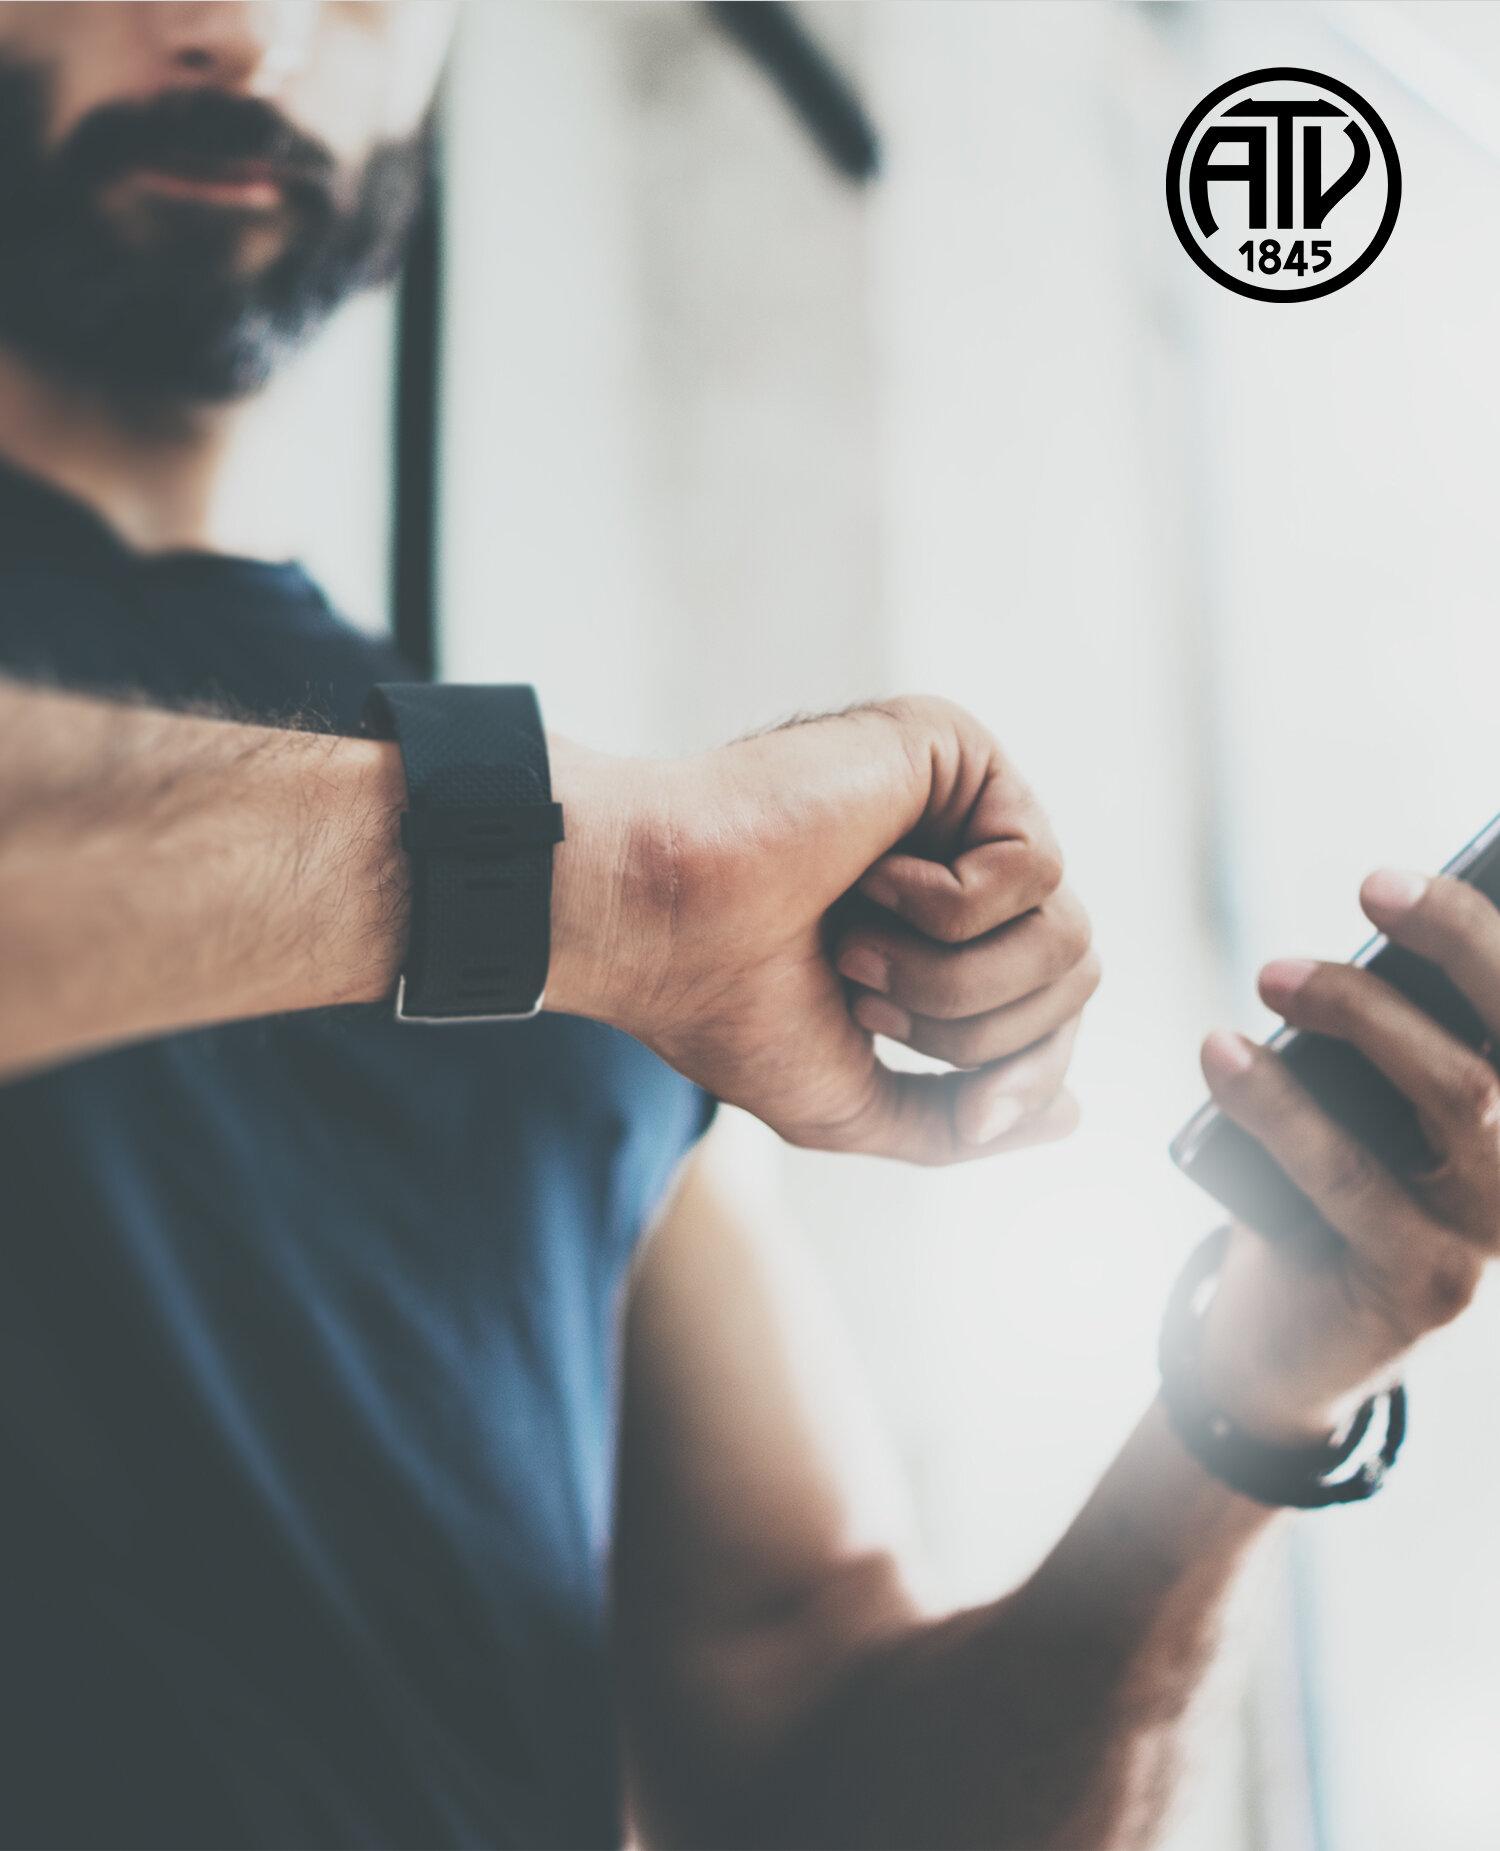 Liebes Mitglied,  ab sofort können wir Dich noch besser dabei unterstützen Deine Trainingsziele zu erreichen - wir erstellen Dir auf der mywellness-Plattform unseres Geräteherstellers Technogym Deine neuen Trainingsprogramme, die Du von überall auf der Welt abrufen und eigenständig jede Aktivität dokumentieren kannst. Wir helfen Dir, das Beste aus dem vorhandenen Fitnessangebot herauszuholen, indem Du ein optimiertes Trainingserlebnis sowohl im Studio als auch außerhalb erlebst.  Du kannst die mywellness-App in allen Fitnesseinrichtungen, die mit Technogym-Geräten ausgestattet sind, benutzen und Dich per QR-Code, Bluetooth oder deinem neuen Technogym Armband mit jedem einzelnen Gerät verbinden, oder mit anderen Fitness-Applikationen koppeln, um Deine Aktivitäten im Freien zu dokumentieren. Deine Trainingseinheit wird automatisch eingestellt, und Deine Ergebnisse werden in Echtzeit aufgezeichnet und in Deinem mywellness-Account gespeichert.  Damit Du die neue Trainingssteuerung nutzen kannst benötigst Du nur einen Termin bei Deinem Trainer, den Du am Empfang vereinbaren kannst, alles weitere erledigen wir für Dich.  Wir freuen uns auf Dich und wünschen Dir viel Erfolg mit Deinem neuem Trainingsprogramm.  - Dein ATV -